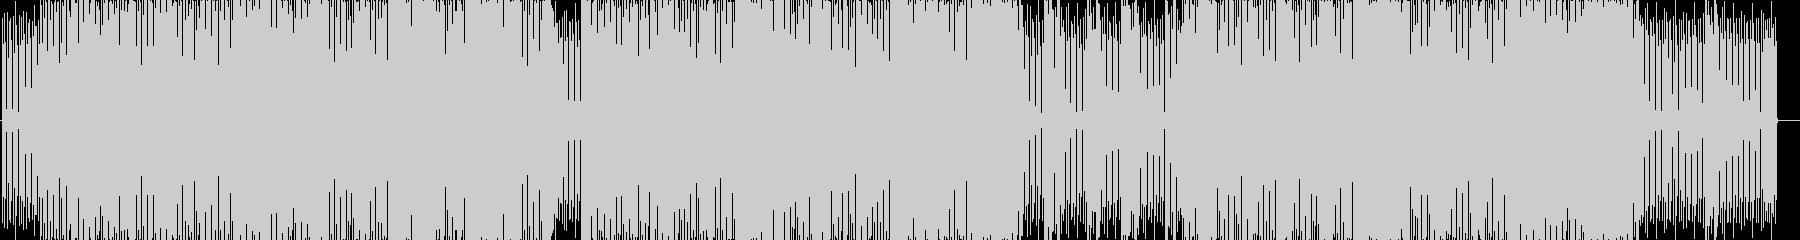 ソリッドでクールなエレキテクノの未再生の波形